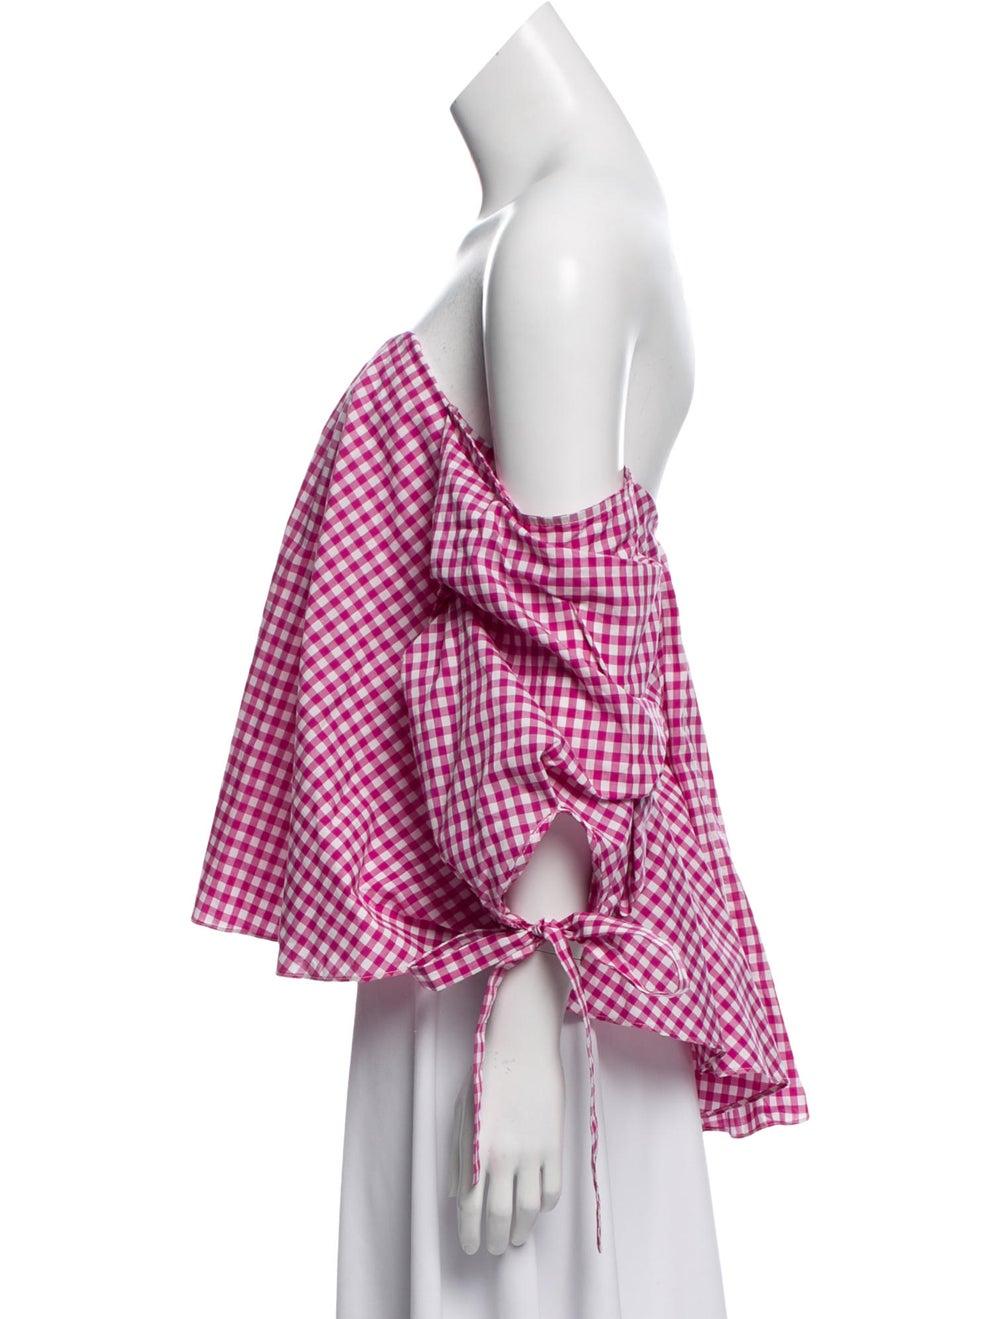 Caroline Constas Gingham Off-The-Shoulder Top Pink - image 2